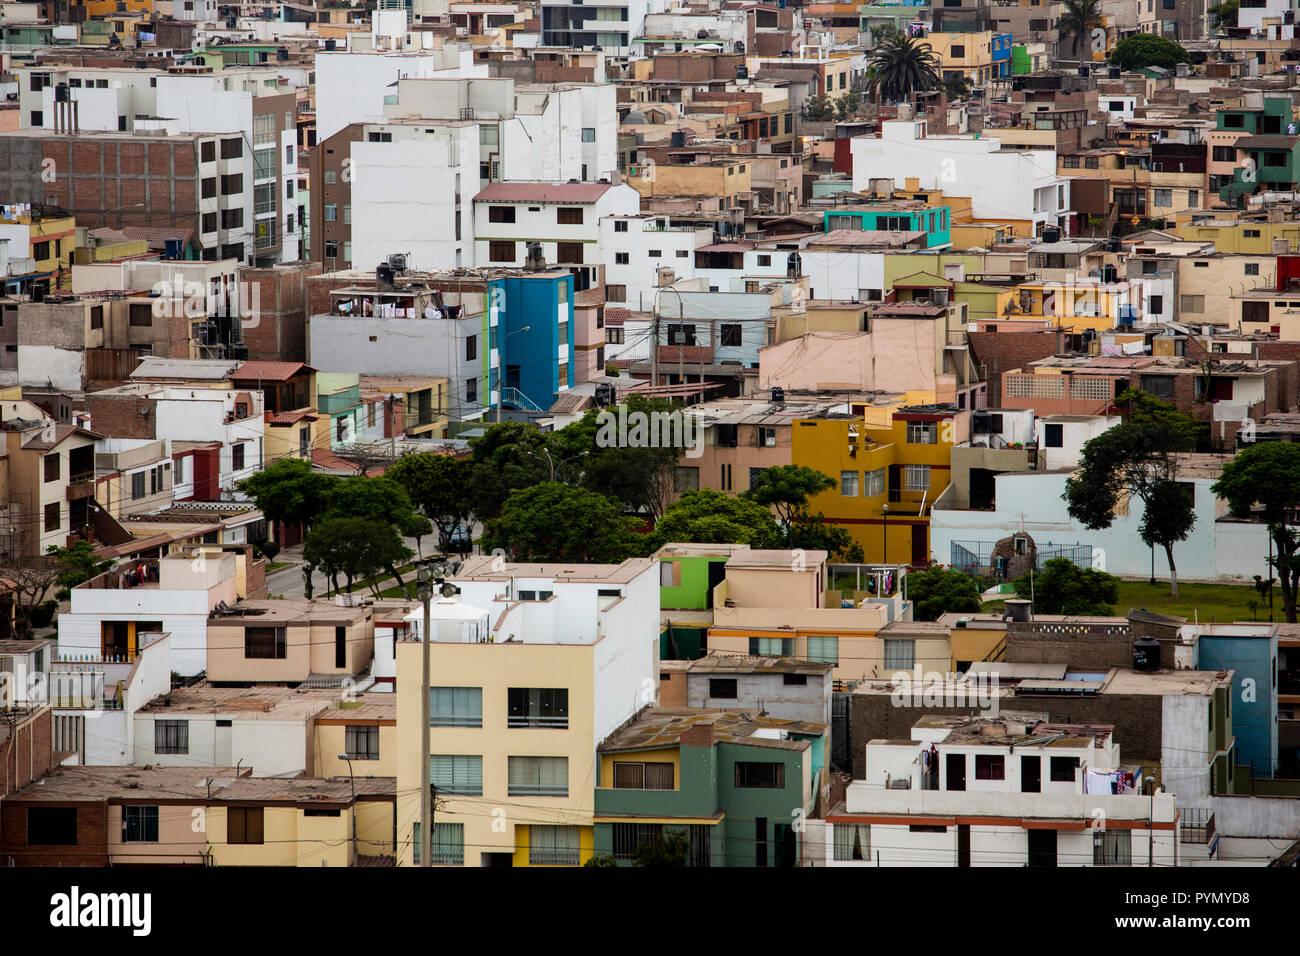 Blick über die Stadt und die Häuser in Lima, Peru, Südamerika - Stock Image